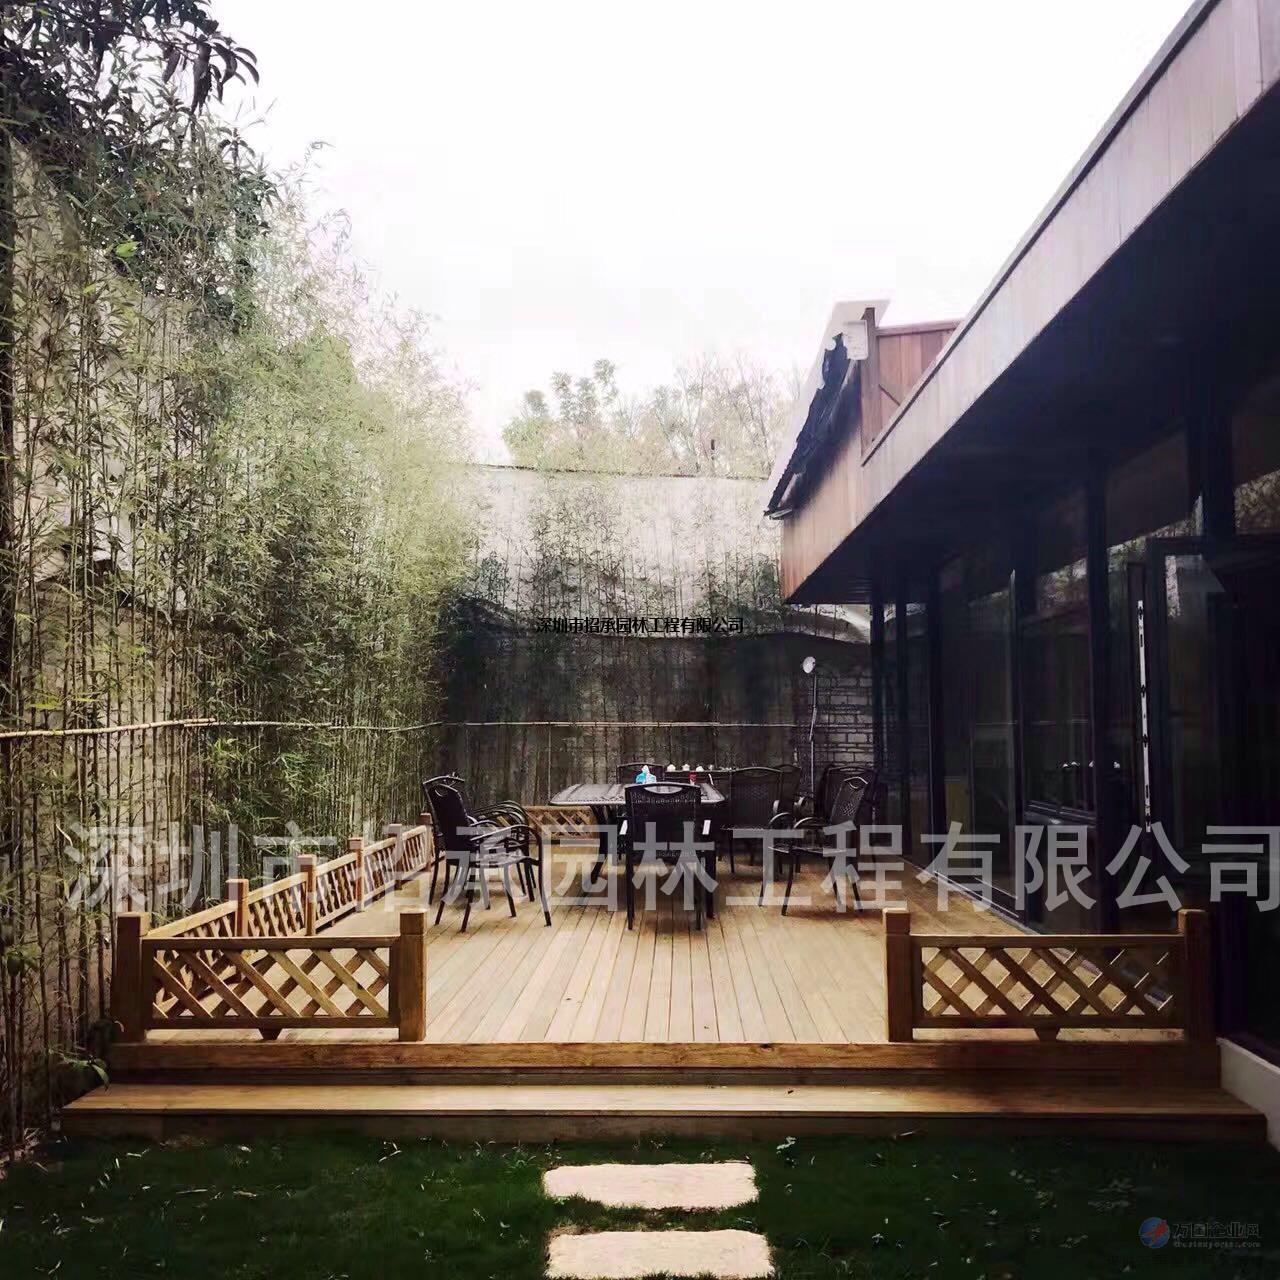 龙华楼顶阳台自然景观 防腐木生态木吊顶墙板木板